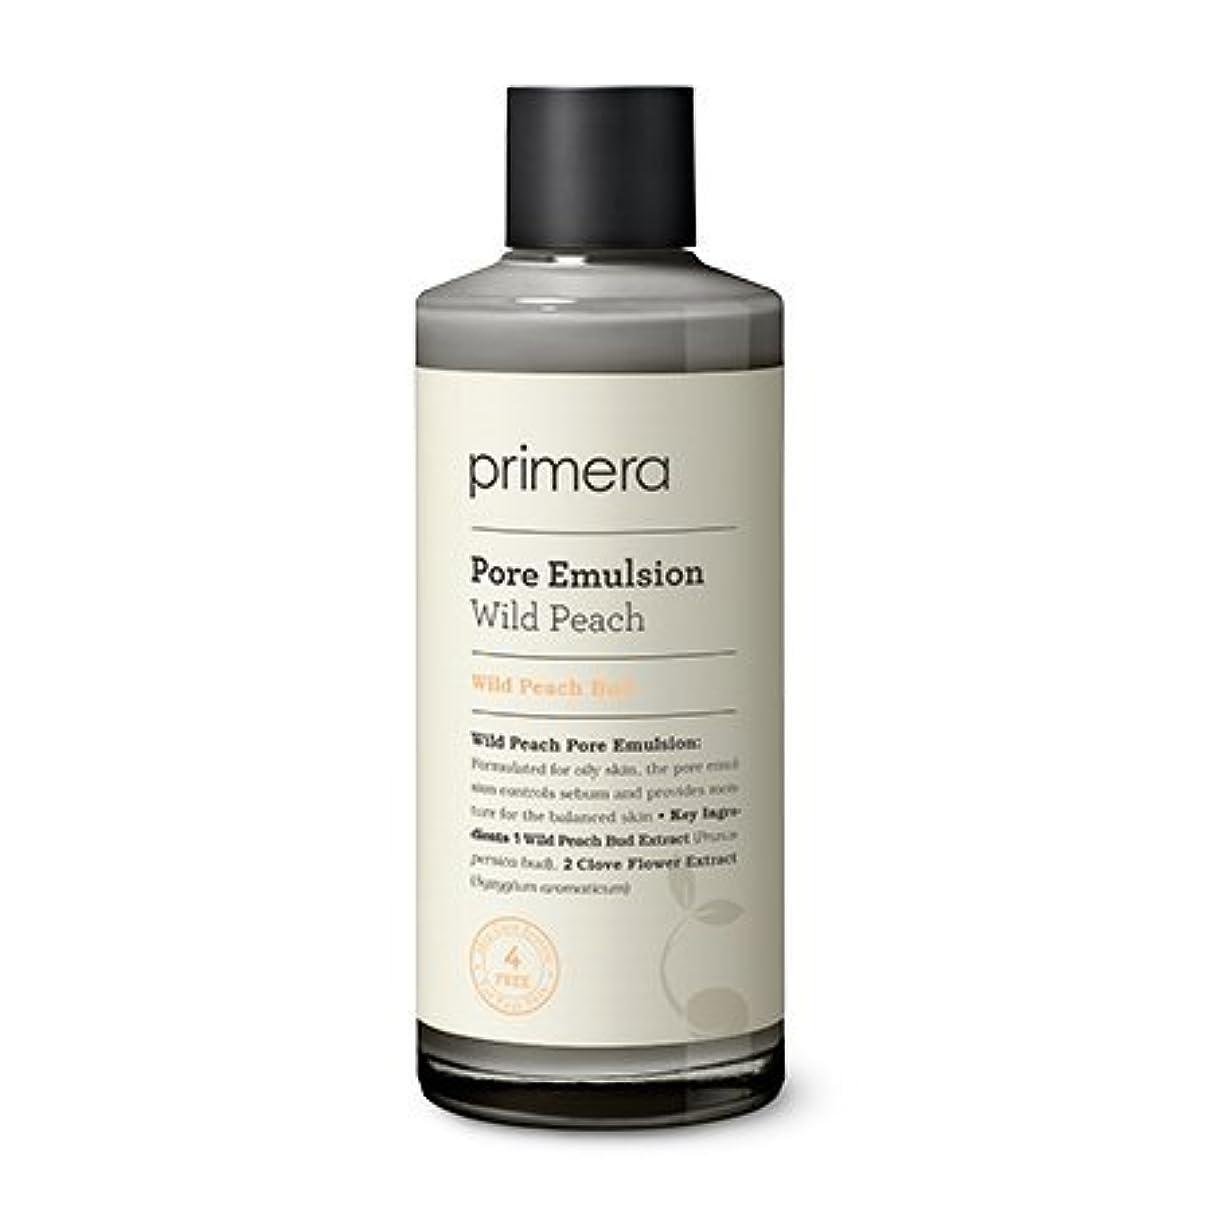 マトロン固体運命【Primera】Wild Peach Pore Emulsion - 150ml (韓国直送品) (SHOPPINGINSTAGRAM)